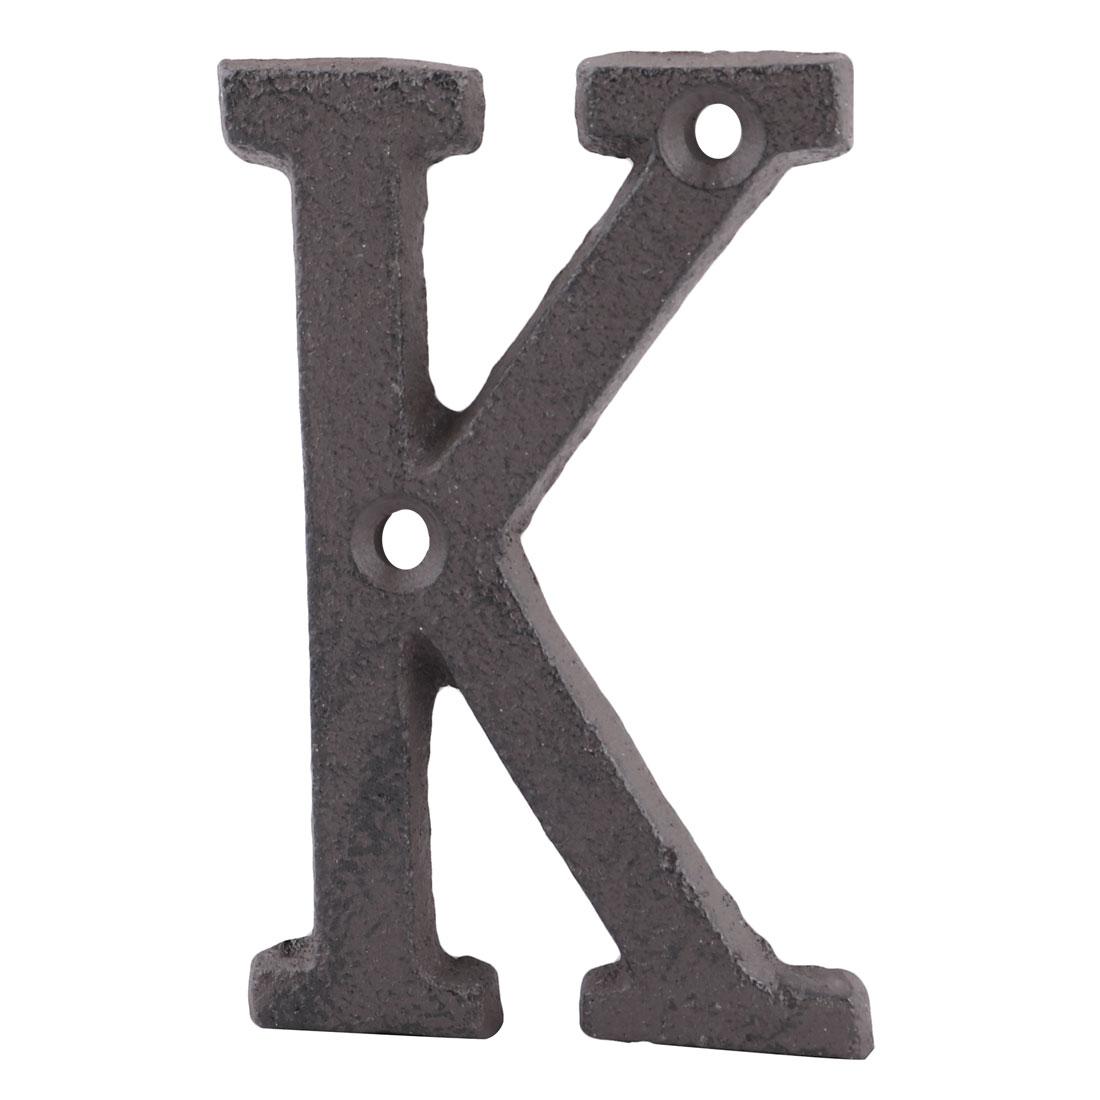 Street Cast Iron K Shaped Vintage Style Door Letter Alphabet Sign Label Black